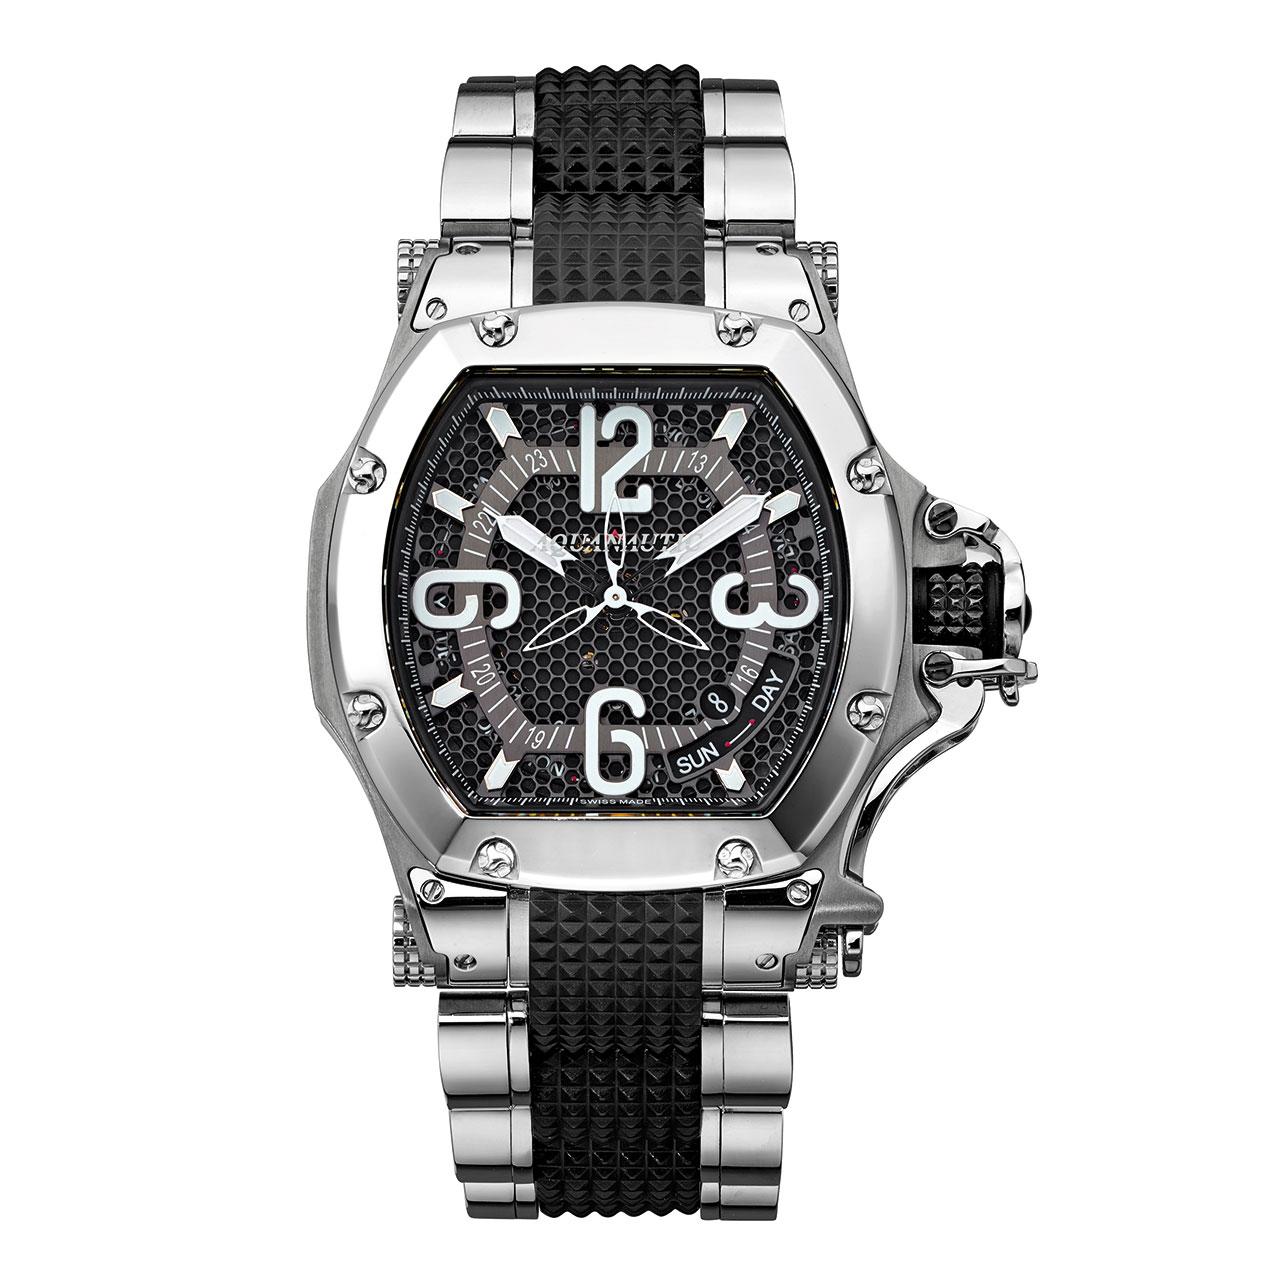 Aquanautic King Tonneau 3H Automatic Watch